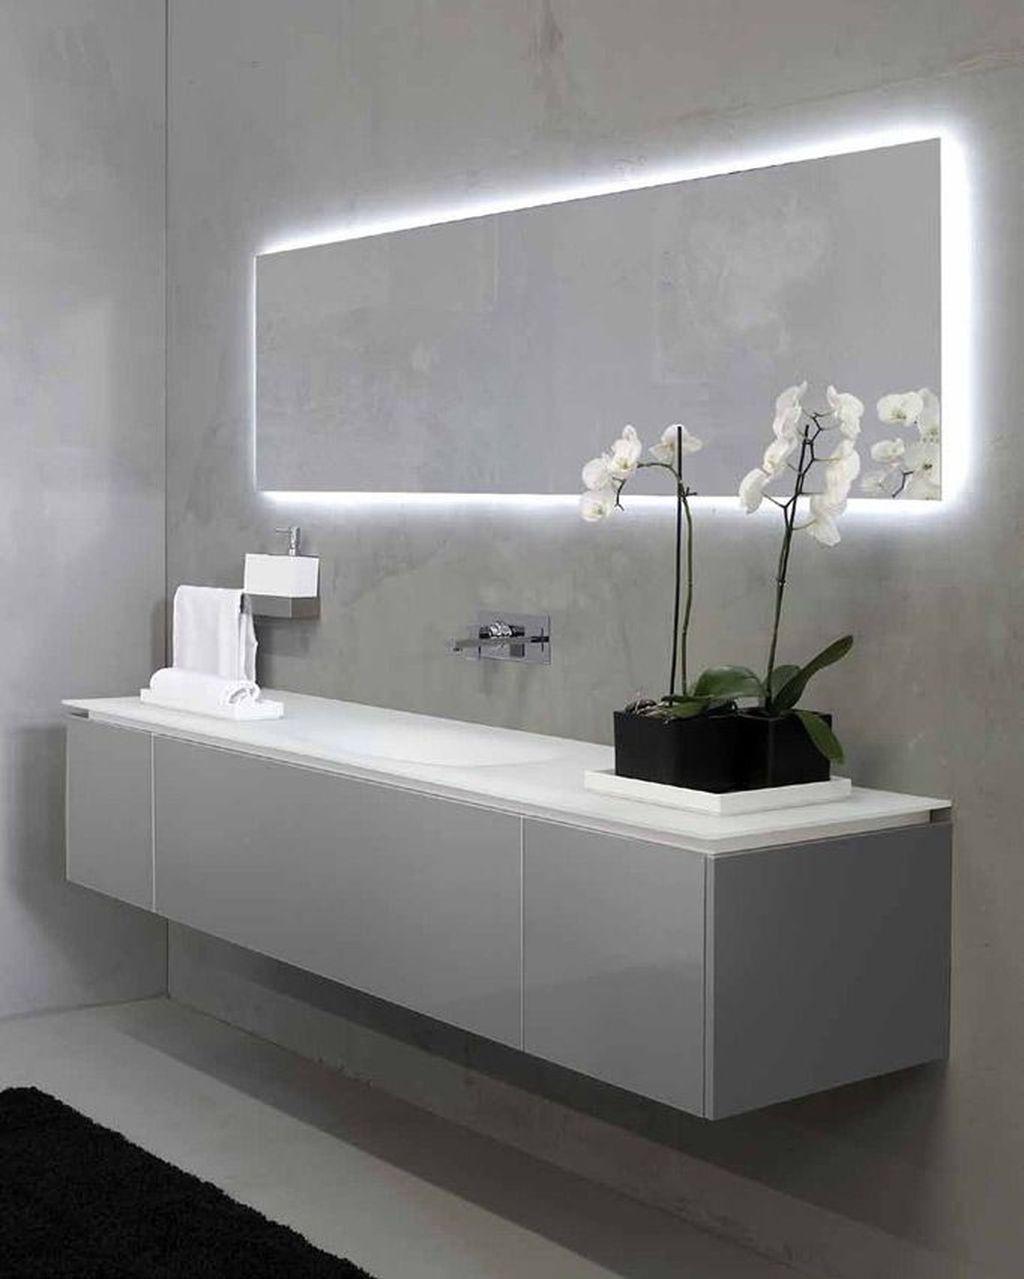 Bathroom Mirror Ideas On Budget Minimalist And Modern Goat Badezimmerspiegel Beleuchtung Modernes Badezimmerdesign Badezimmer Spiegelschrank